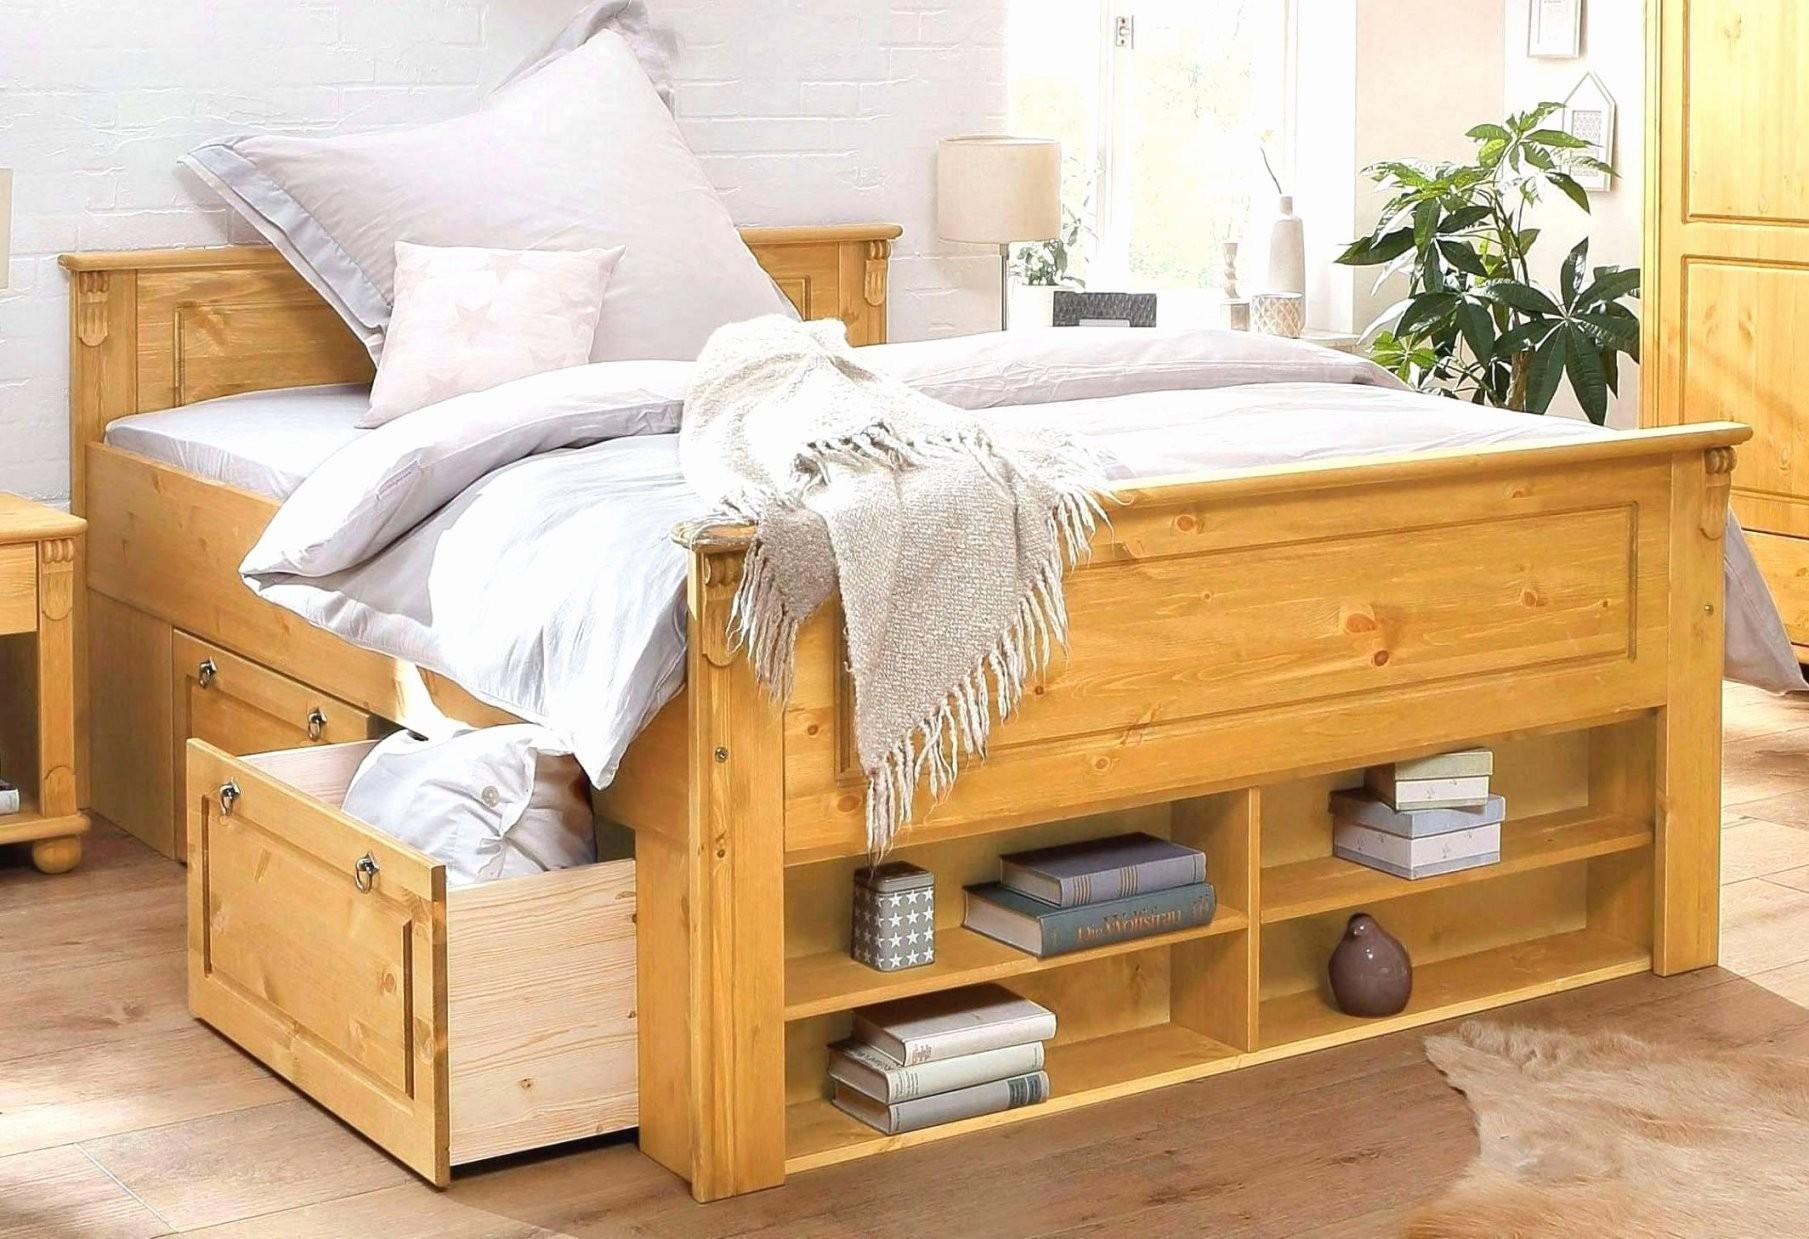 Bett Mit Stauraum 100×200 Einzig Stauraum Bett 200×200 Luxus Bett von Stauraum Bett 200X200 Bild